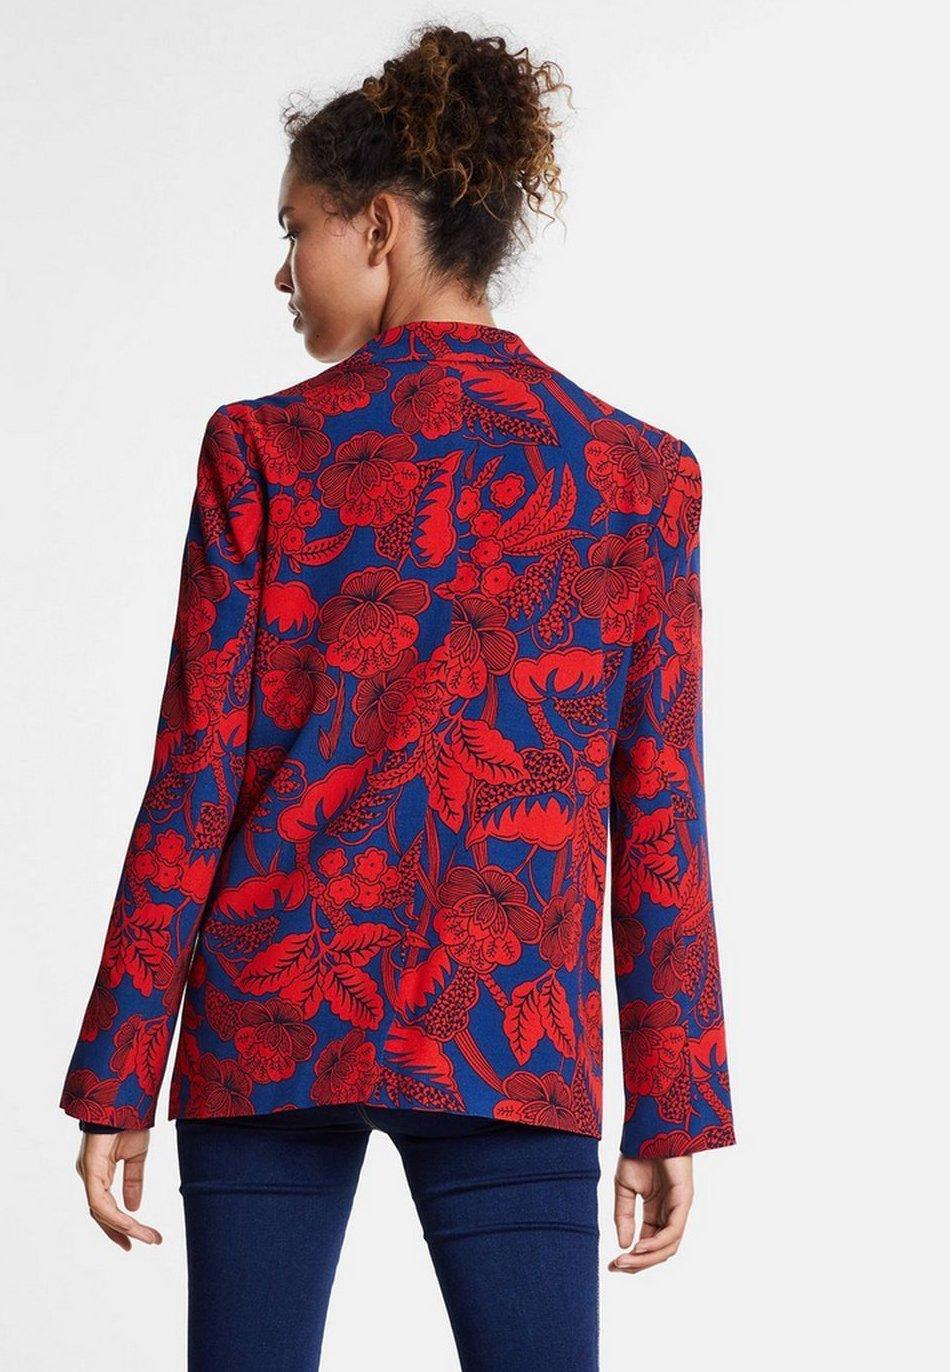 Desigual Wels - Blazer Red